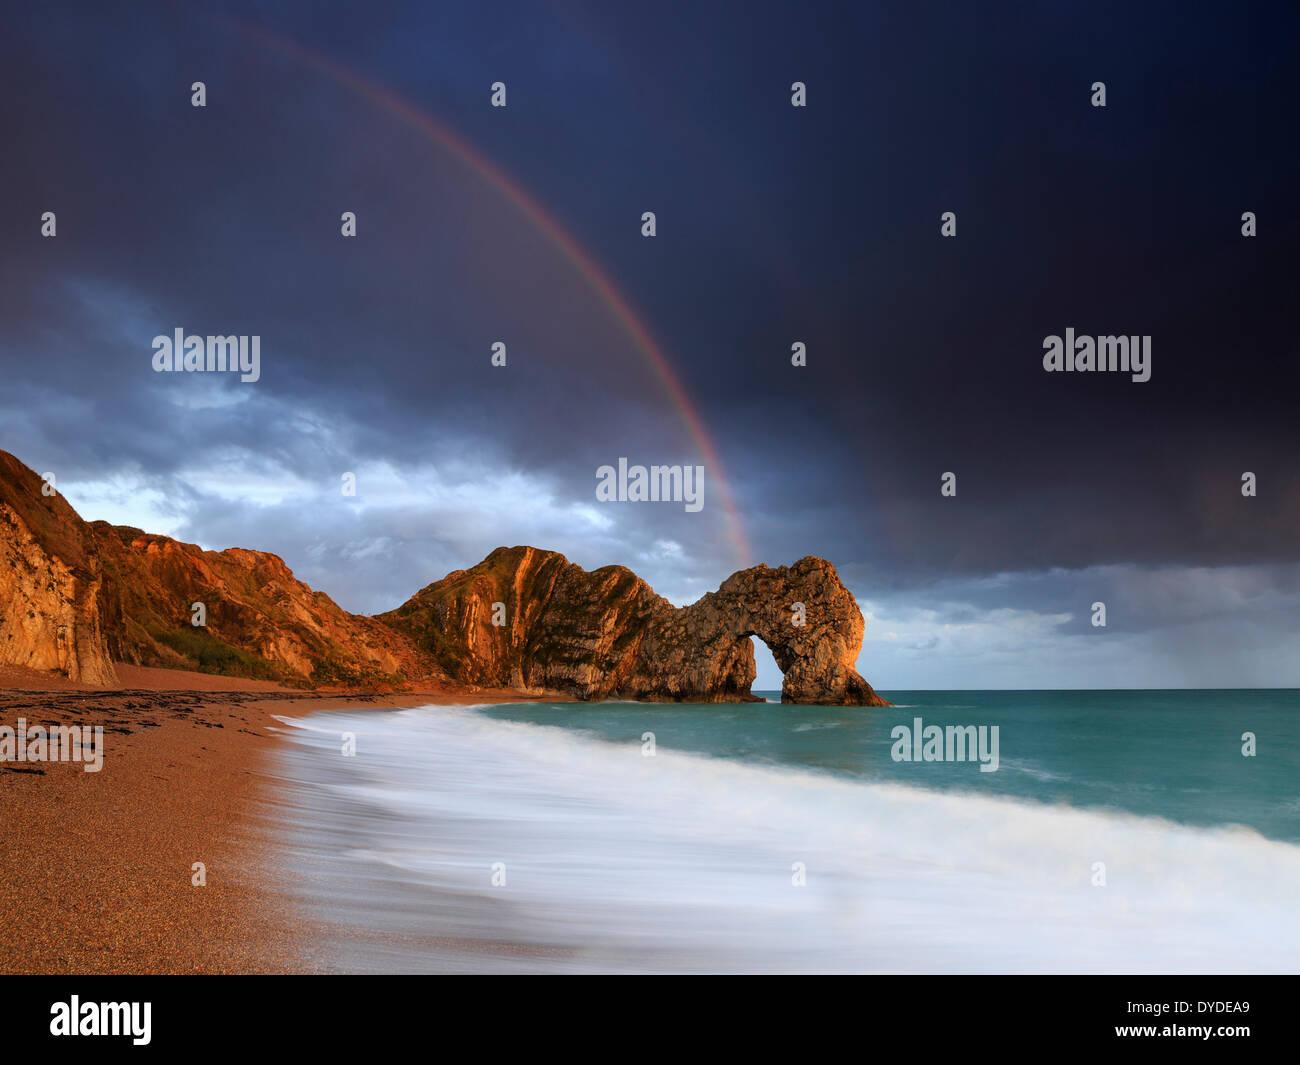 A rainbow over Durdle Door in Dorset. - Stock Image